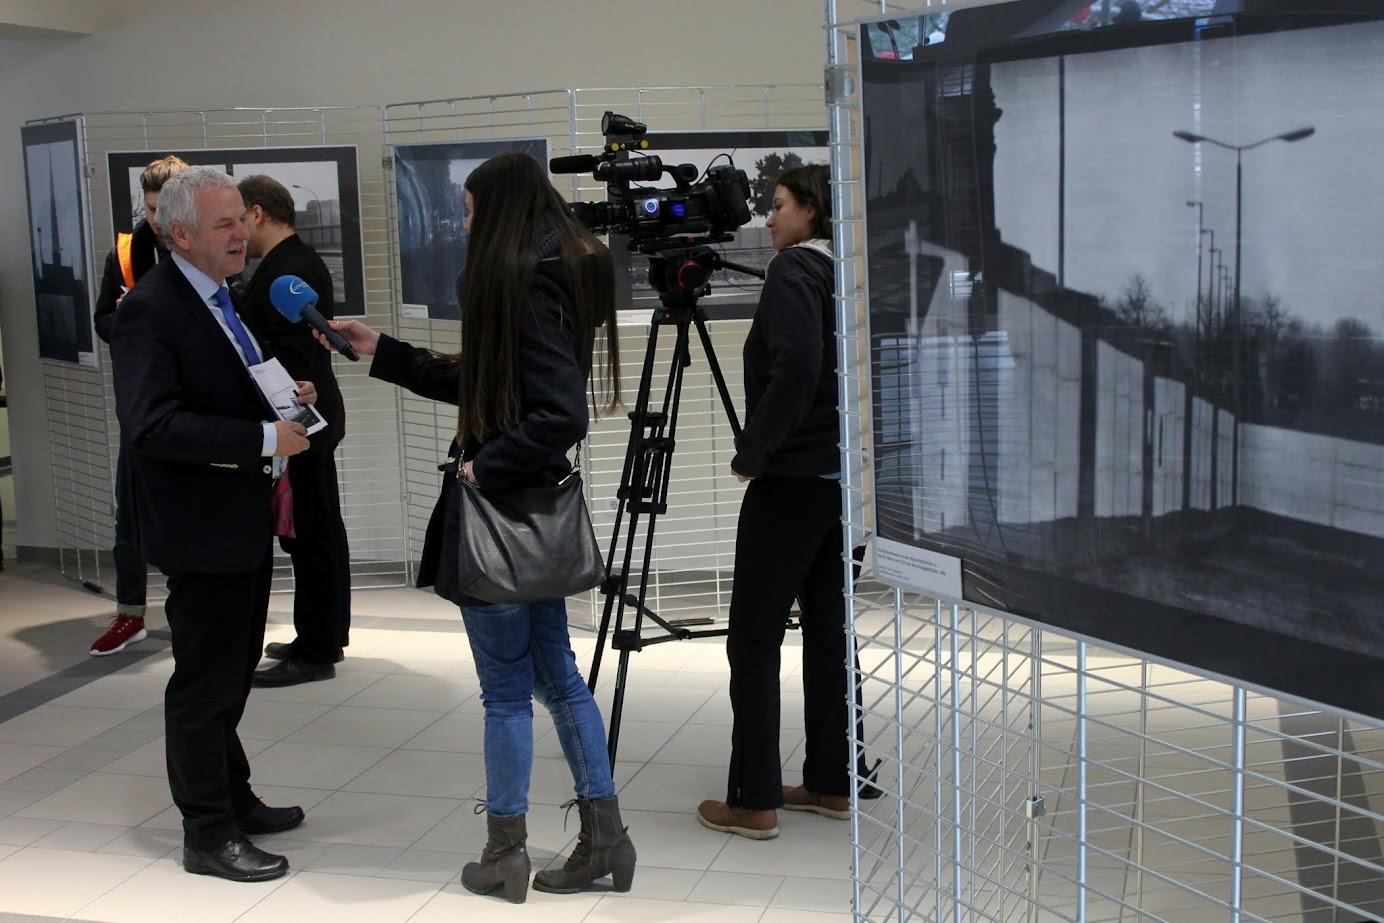 Bürgermeister Jürgen Polzehl stellte sich bei der Ausstellungseröffnung auch den Fragen der TV-Kollegen von